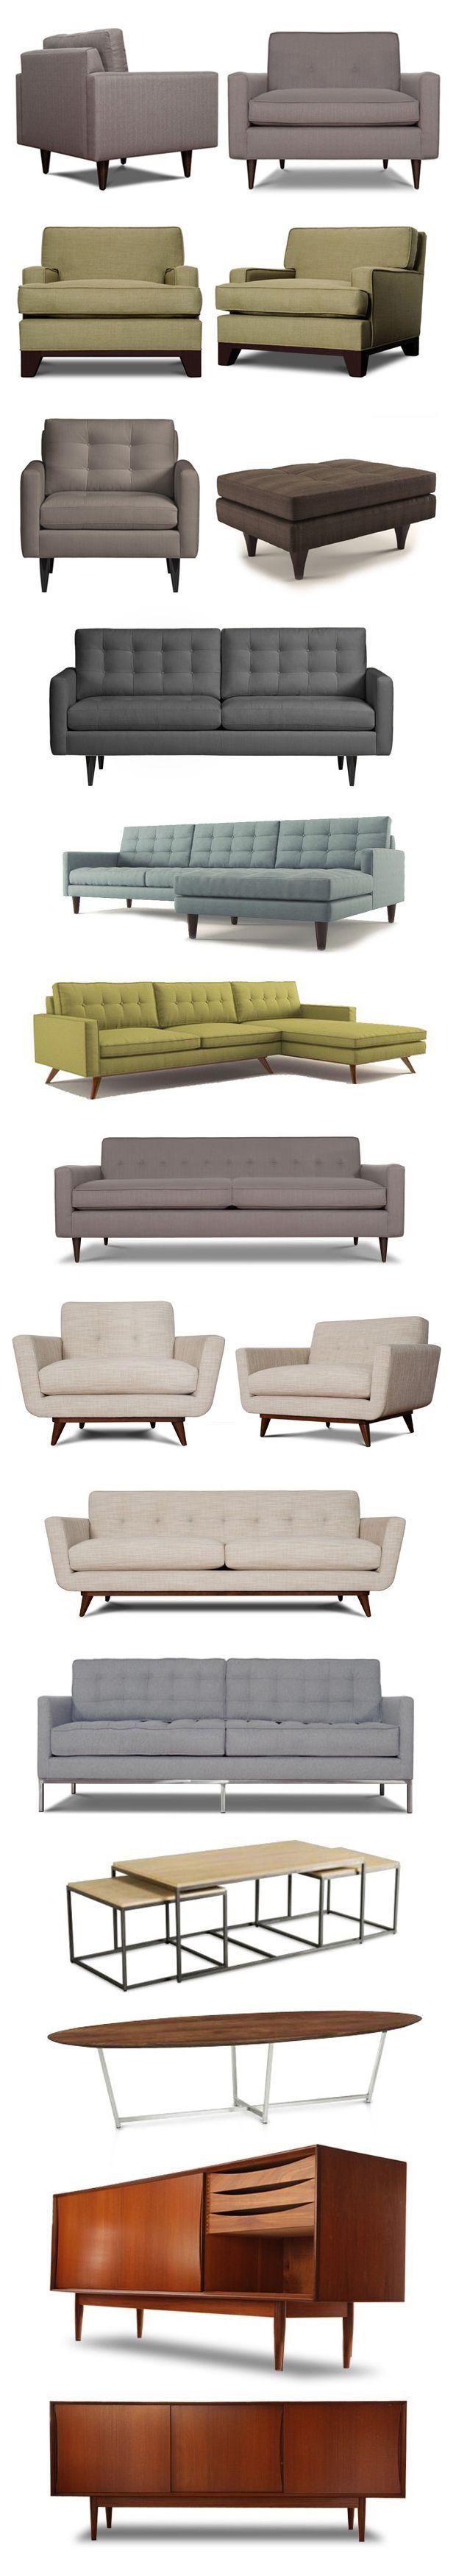 Mid century modern furniture. #sofas #wooden #woodwork #wood #vintage #decor…